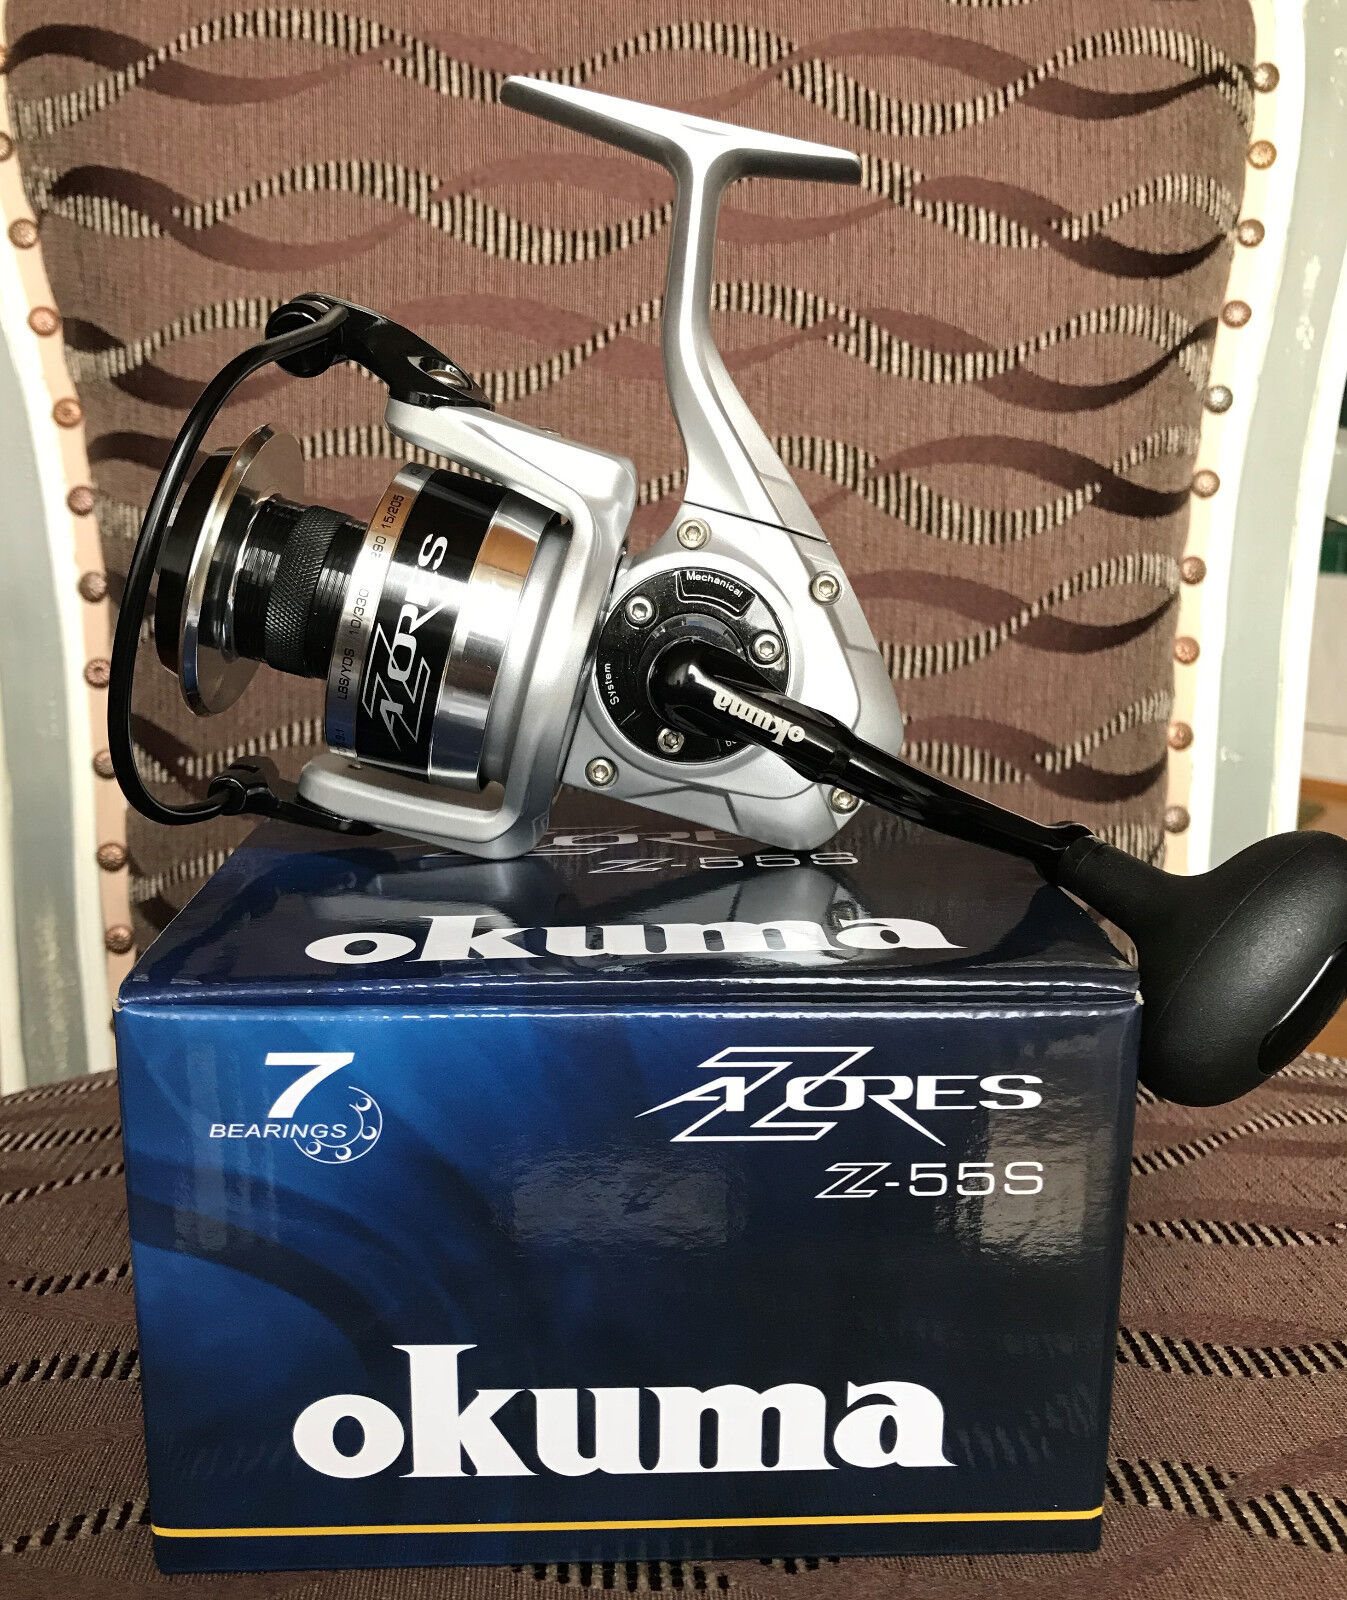 Okuma Azores Z-55S  FD Spinnrolle  more discount